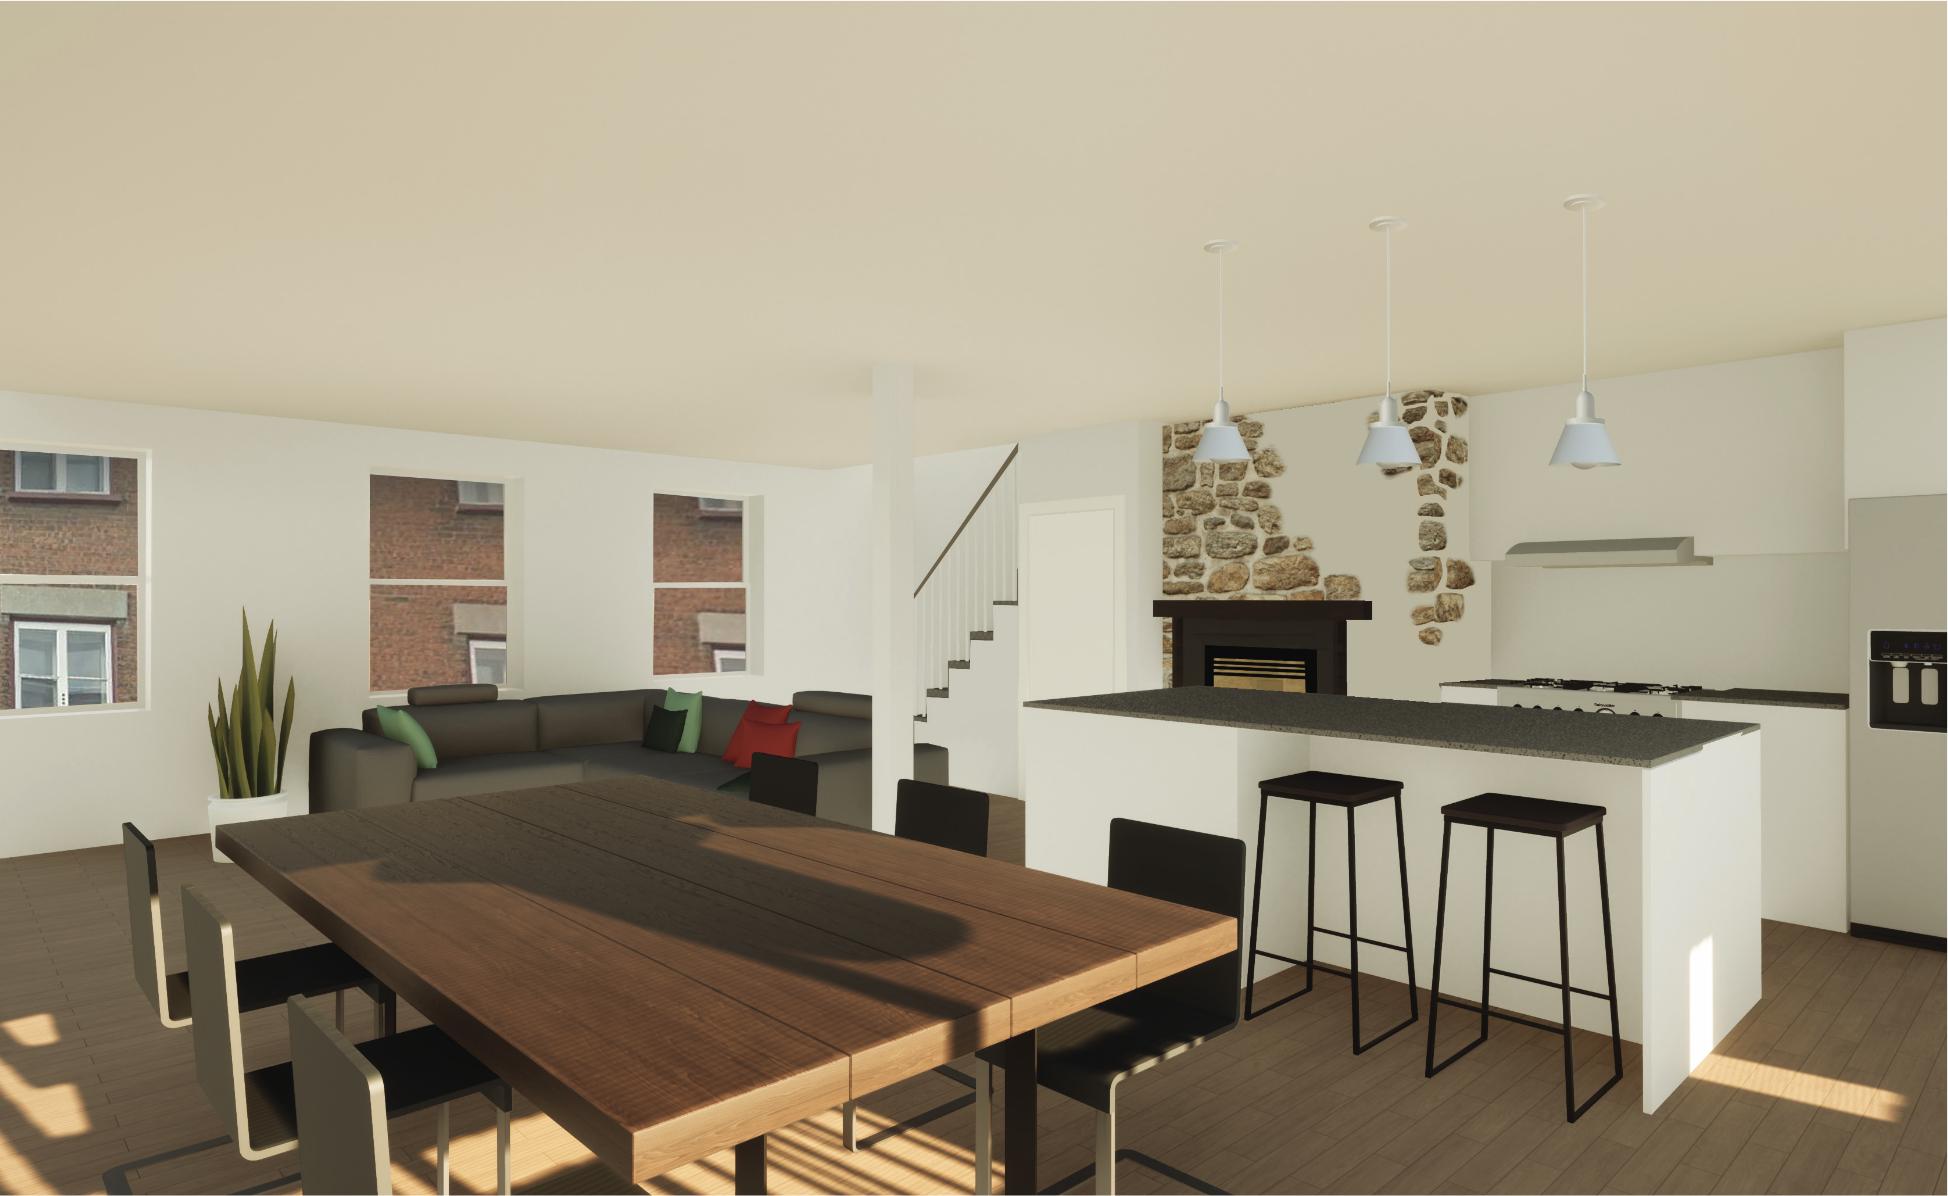 Photo 3 : 4 appartements dans maison ancestrale totalement rénovés, quartier St-Jean-Baptiste, prêts pour septembre, semi-meublés + Internet inclus